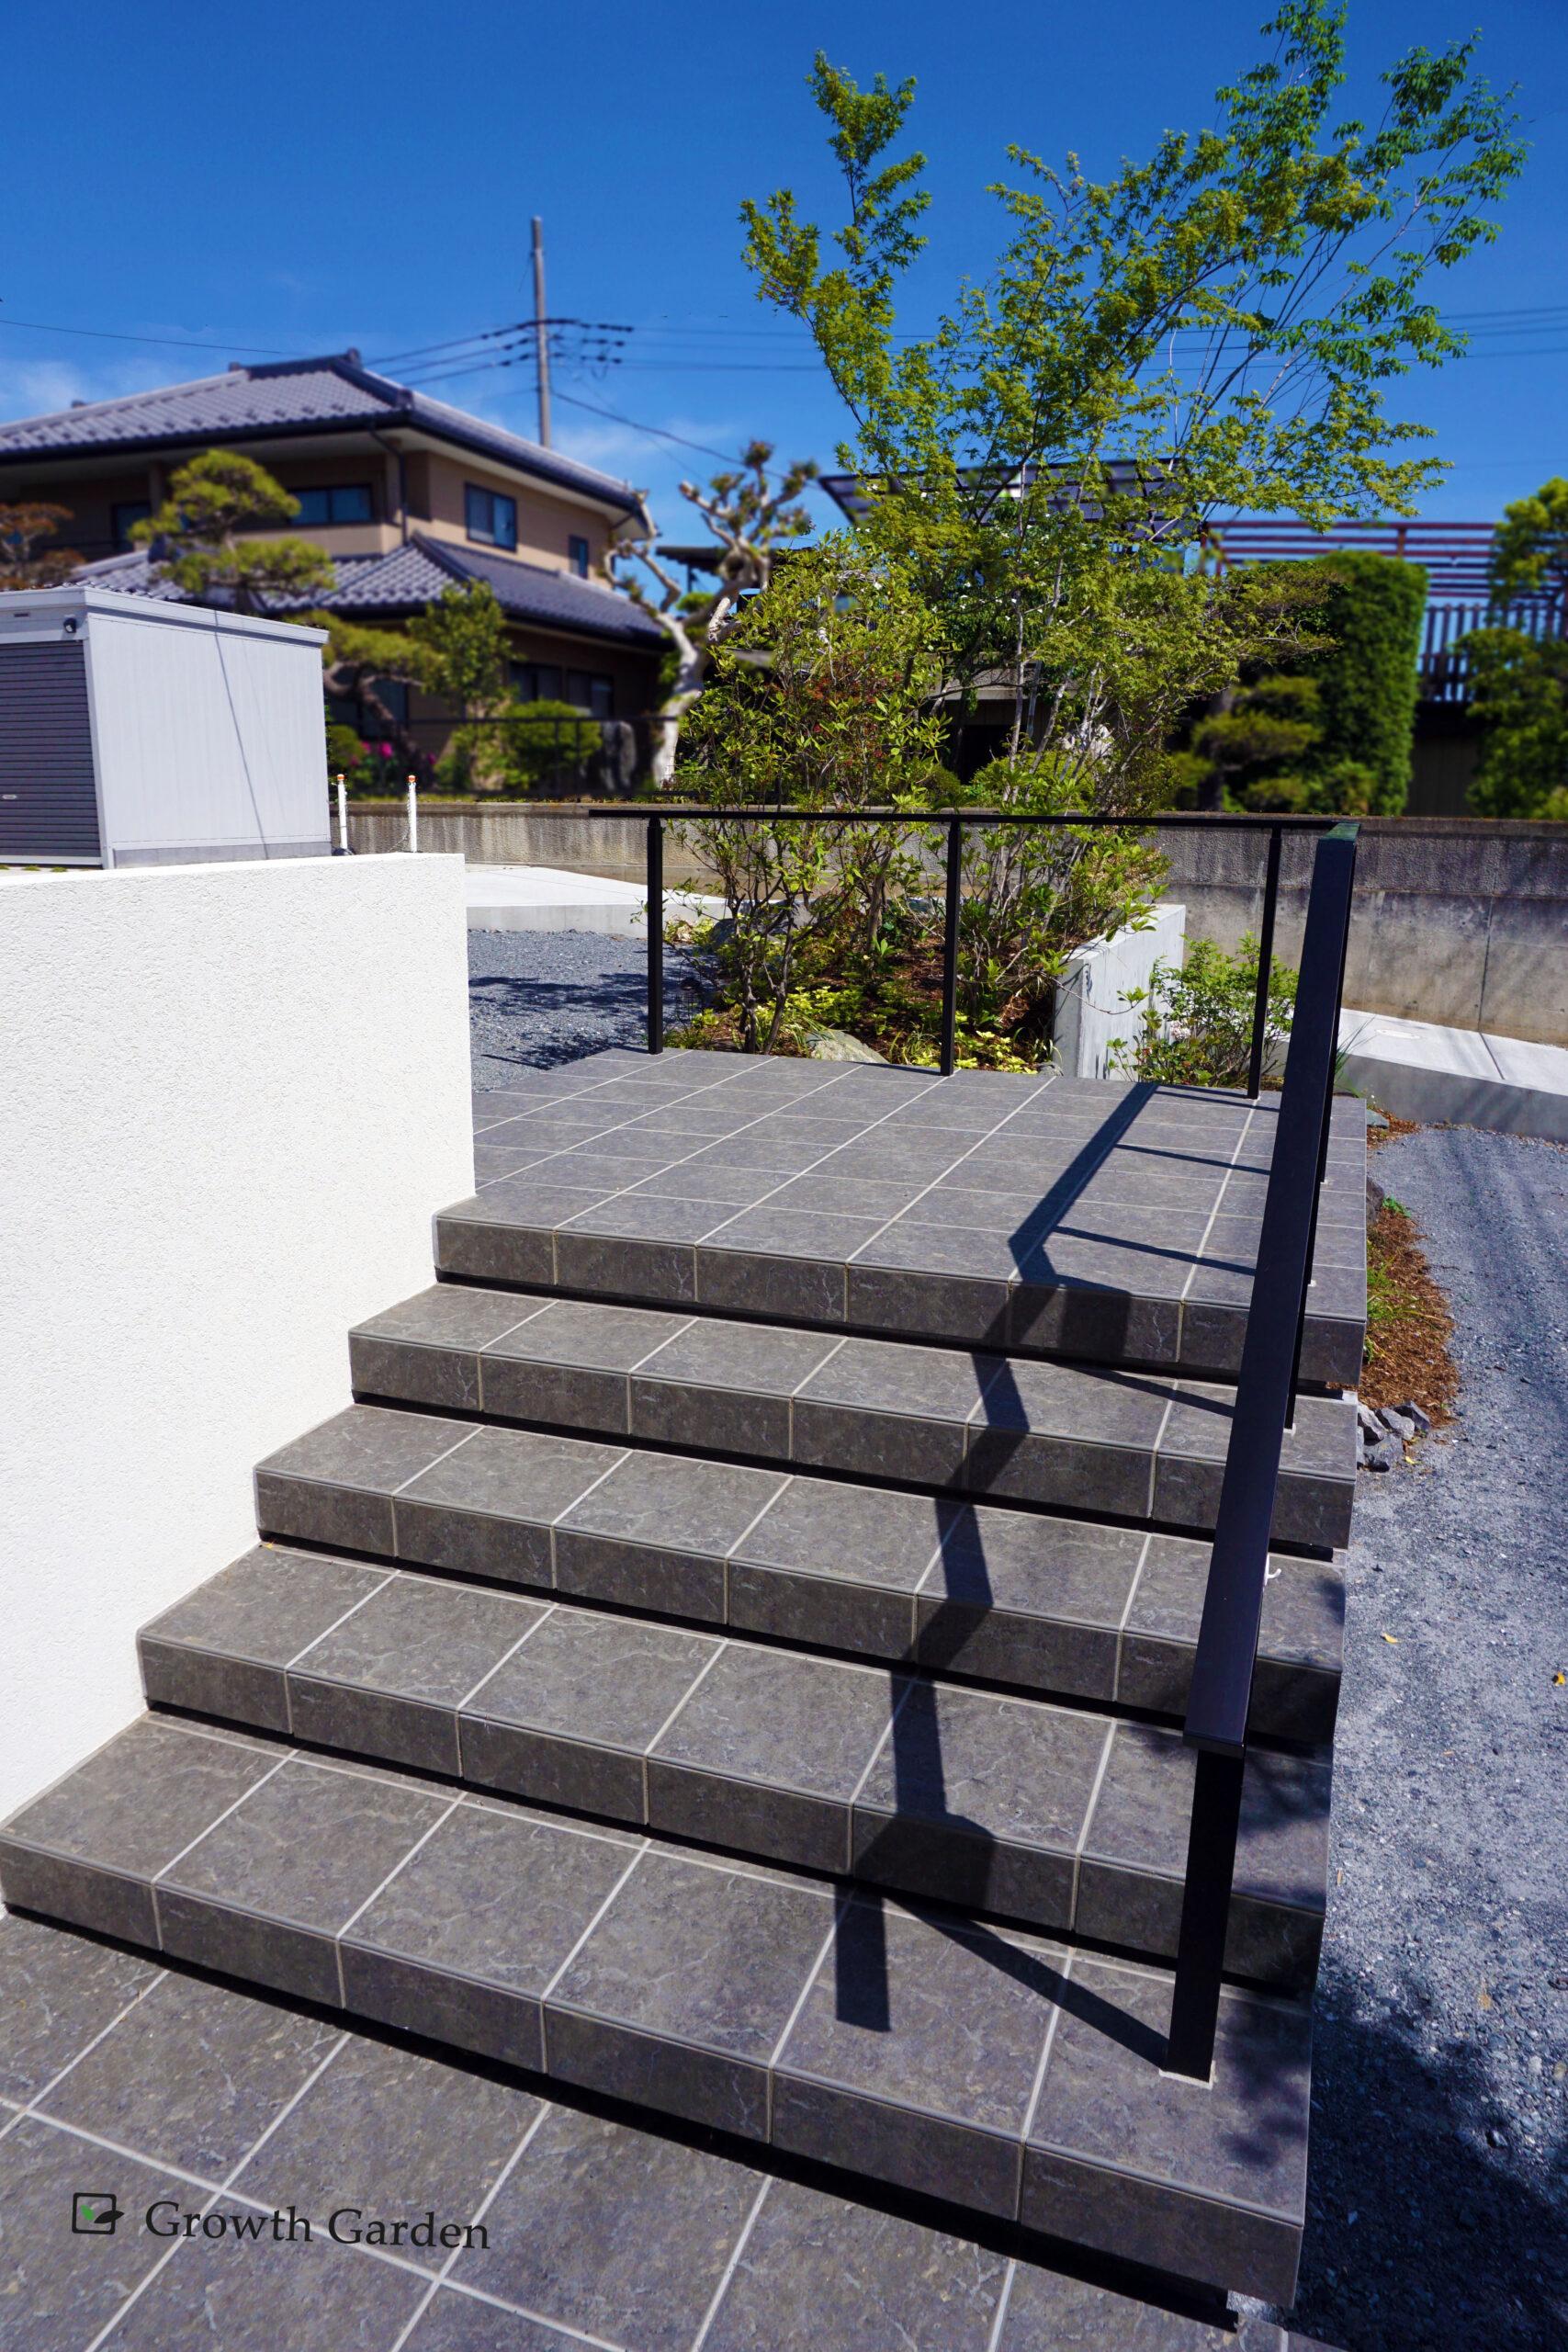 群馬県高崎市の外構工事おすすめの施工例、For example,おしゃれにしあげた石の階段は段差を縮めてつまずき防止に。蹴込みの階段、for example,浮いたように見える一段一段がとてもおしゃれな外構。